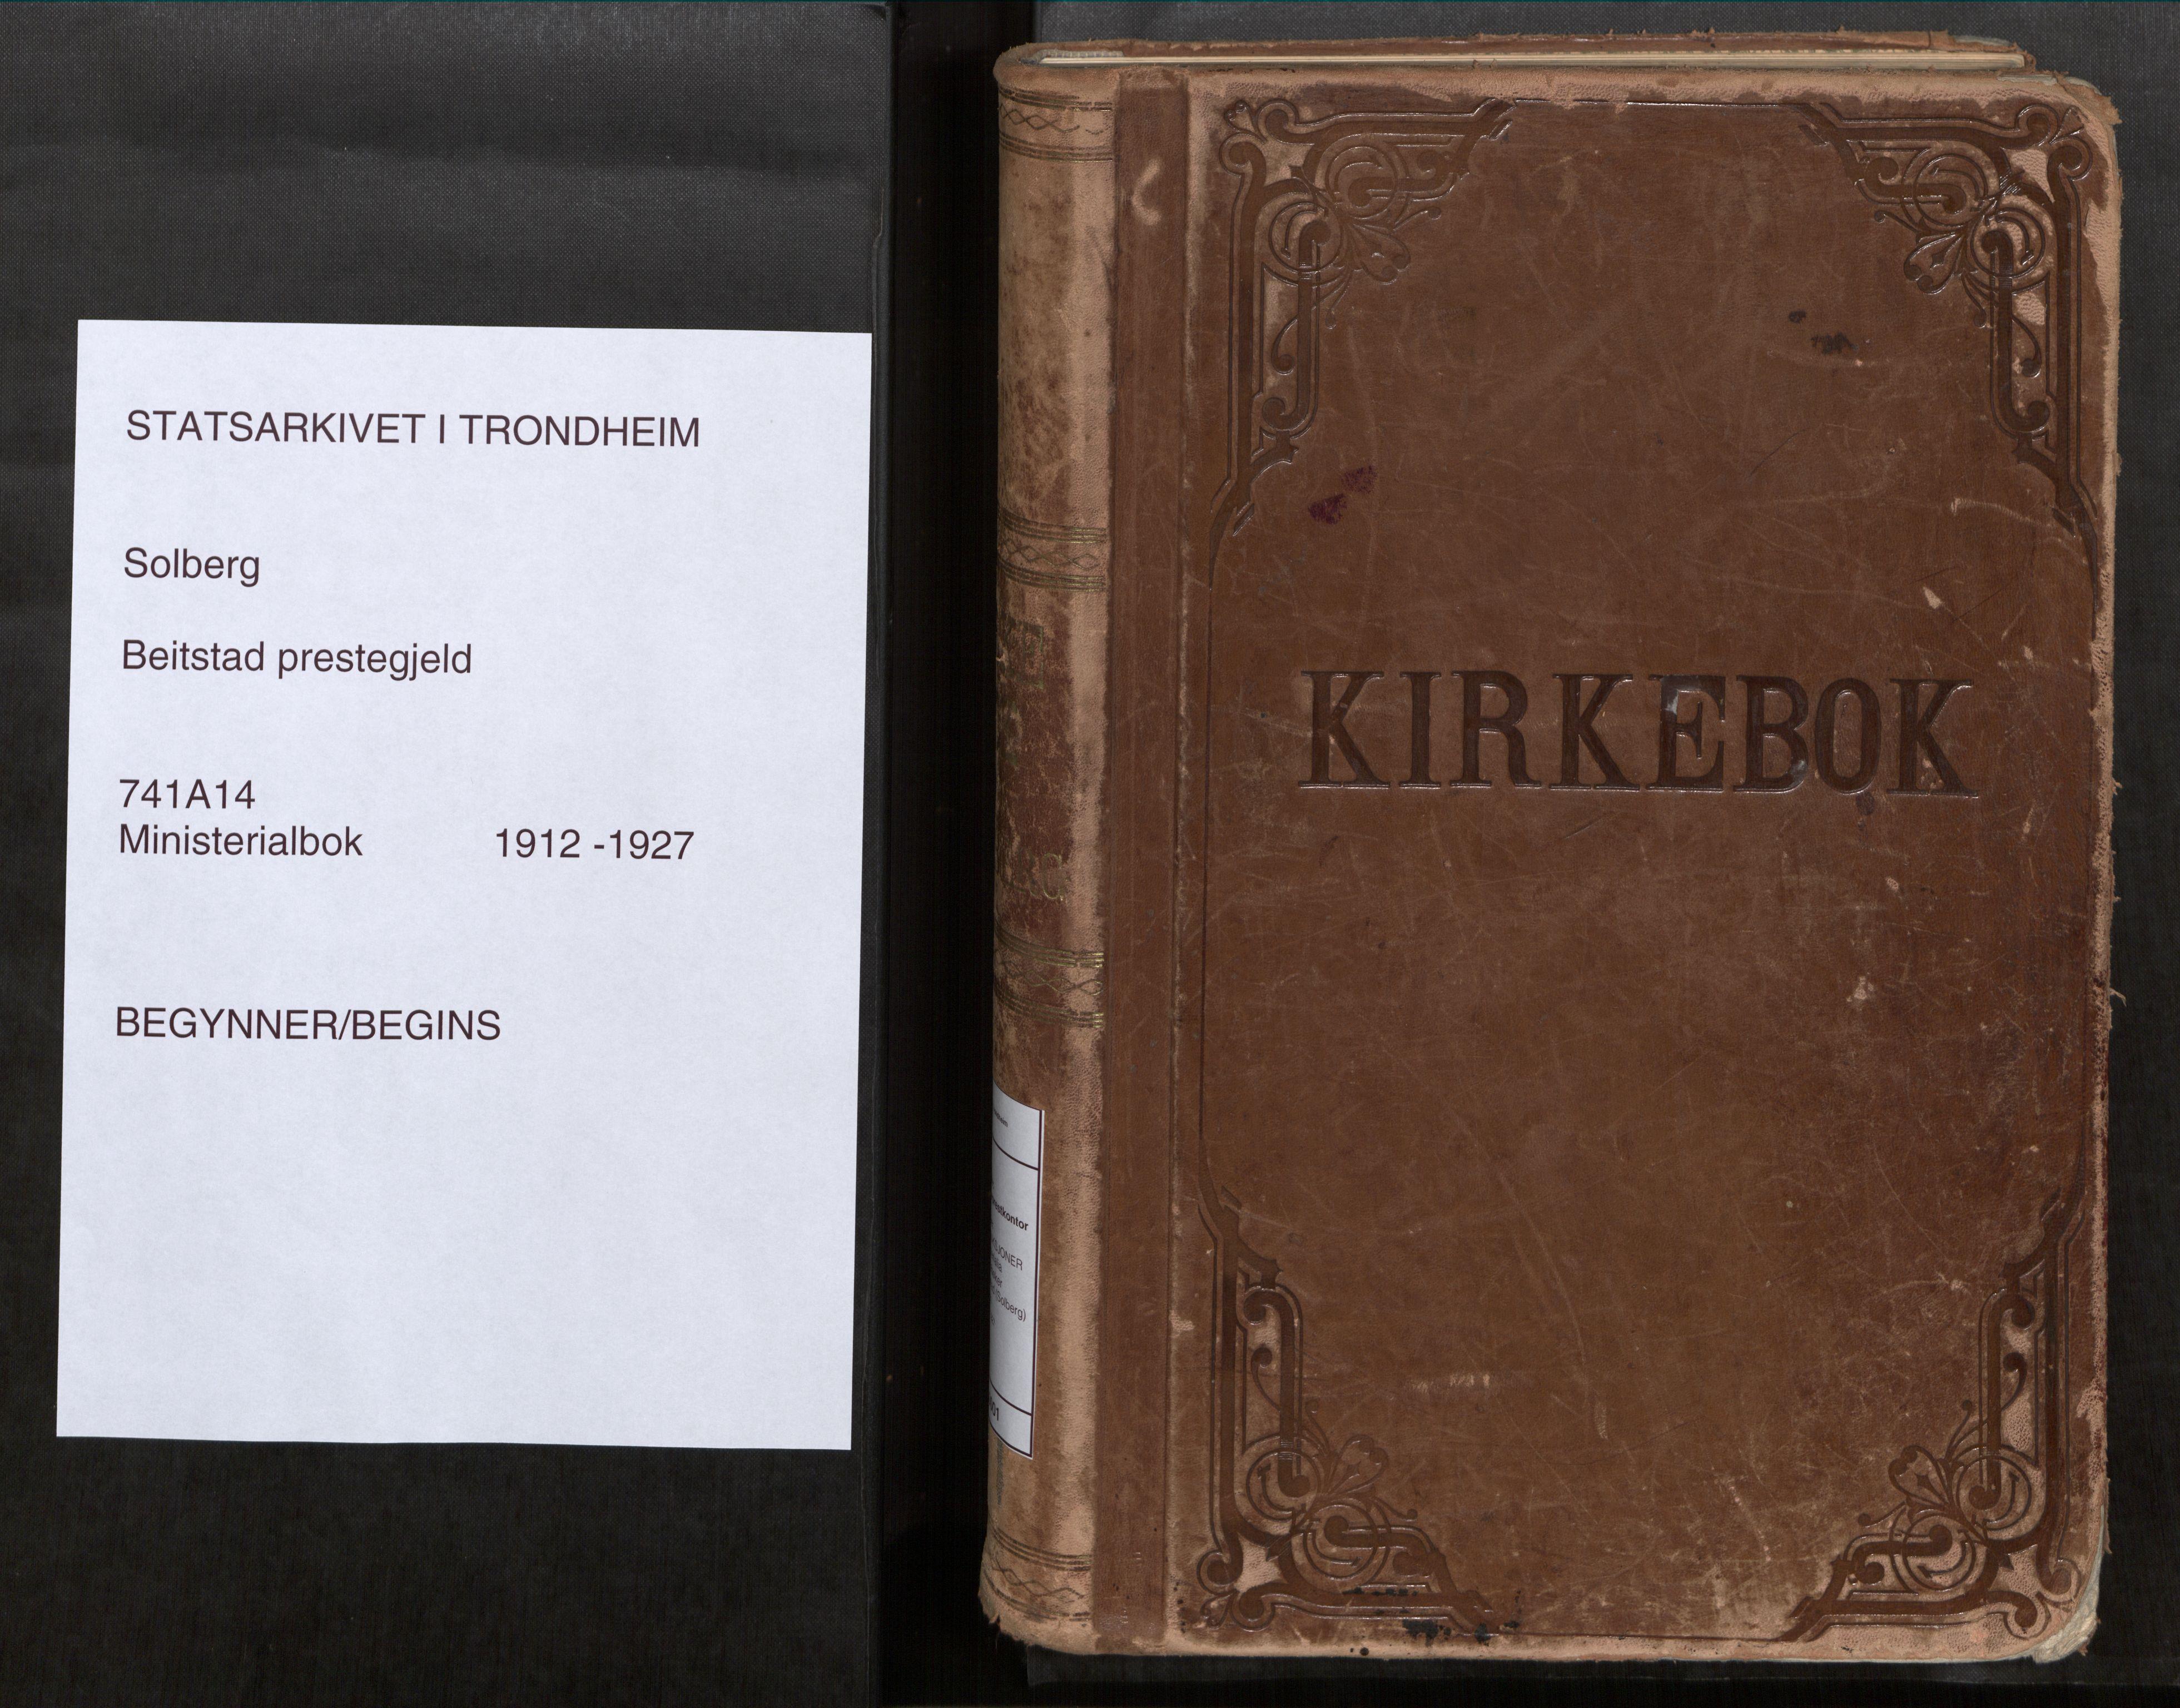 SAT, Beitstad sokneprestkontor, I/I1/I1a/L0001: Ministerialbok nr. 1, 1912-1927